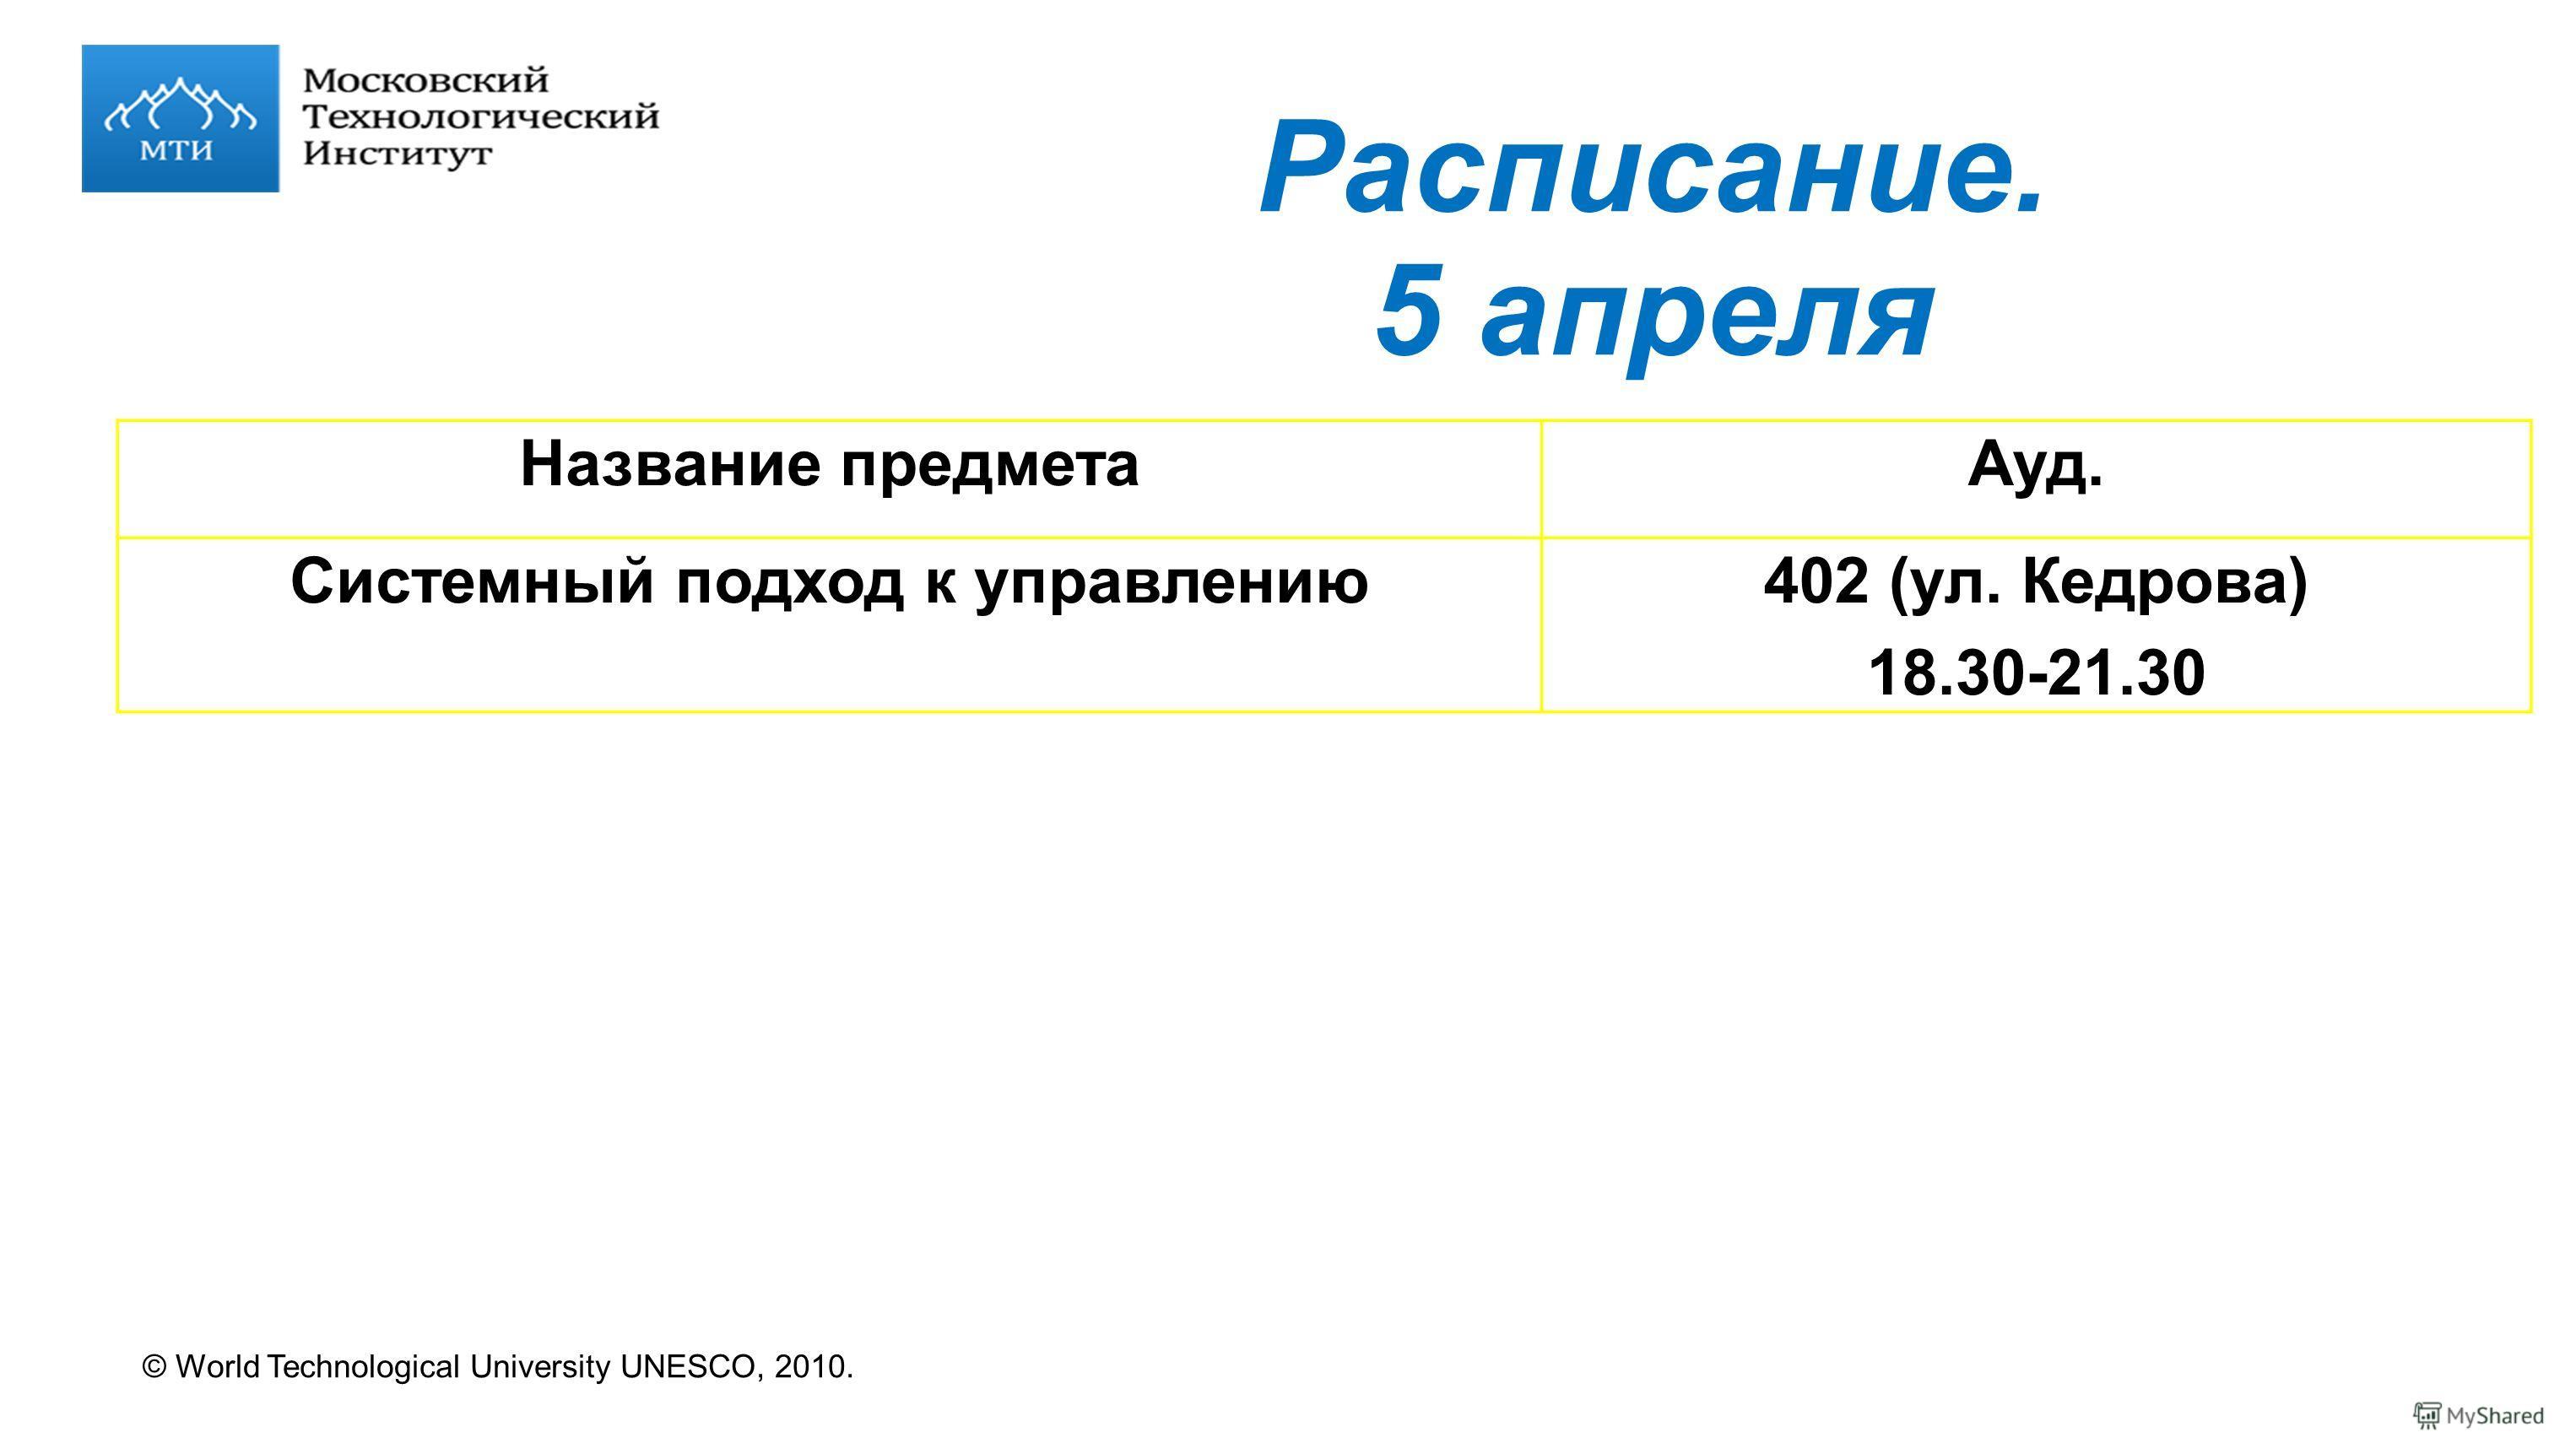 © World Technological University UNESCO, 2010. Расписание. 5 апреля Название предметаАуд. Системный подход к управлению402 (ул. Кедрова) 18.30-21.30